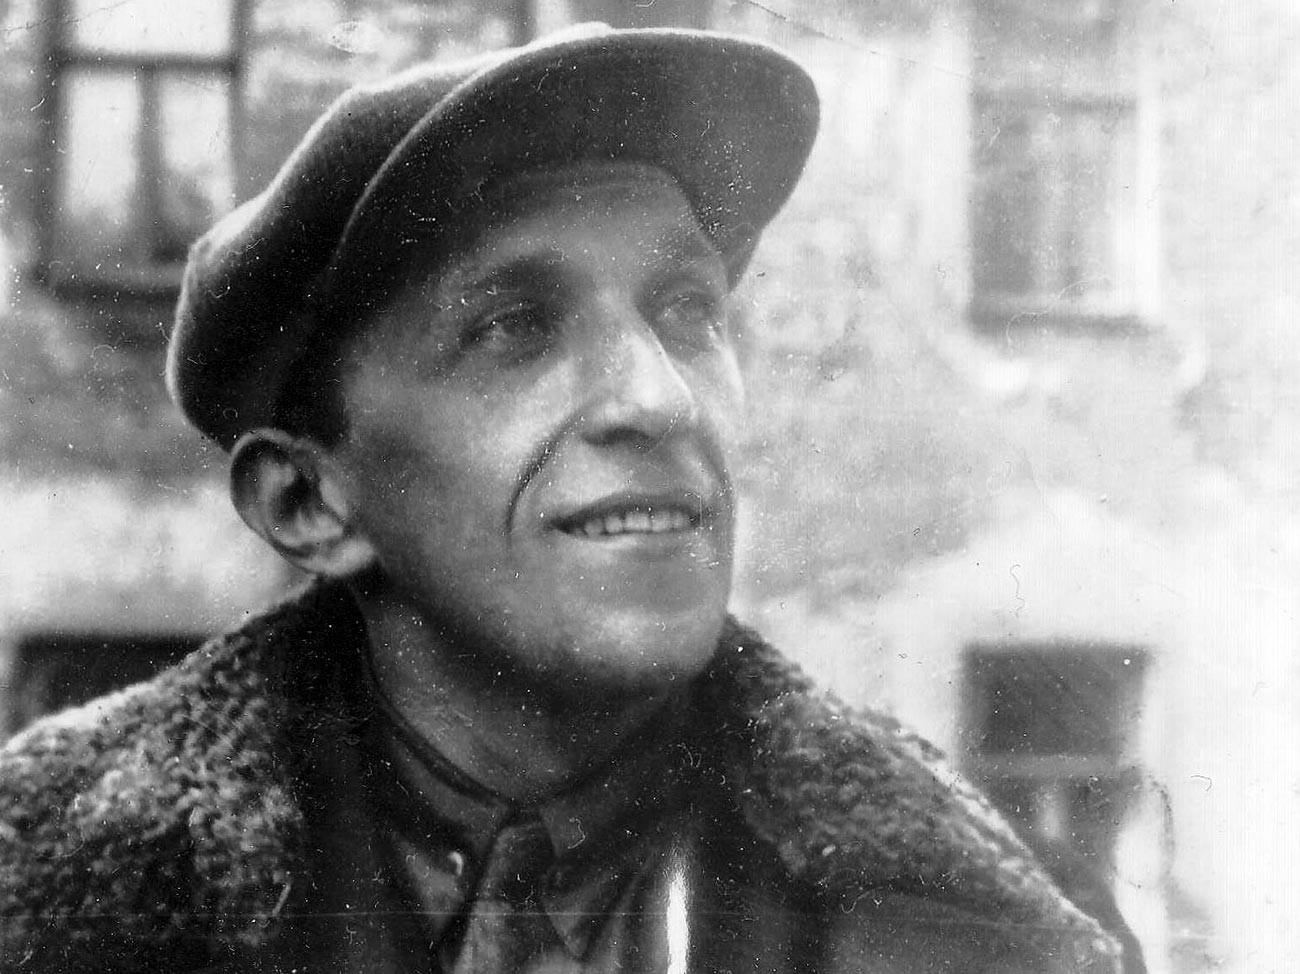 Yakov Serebryansky